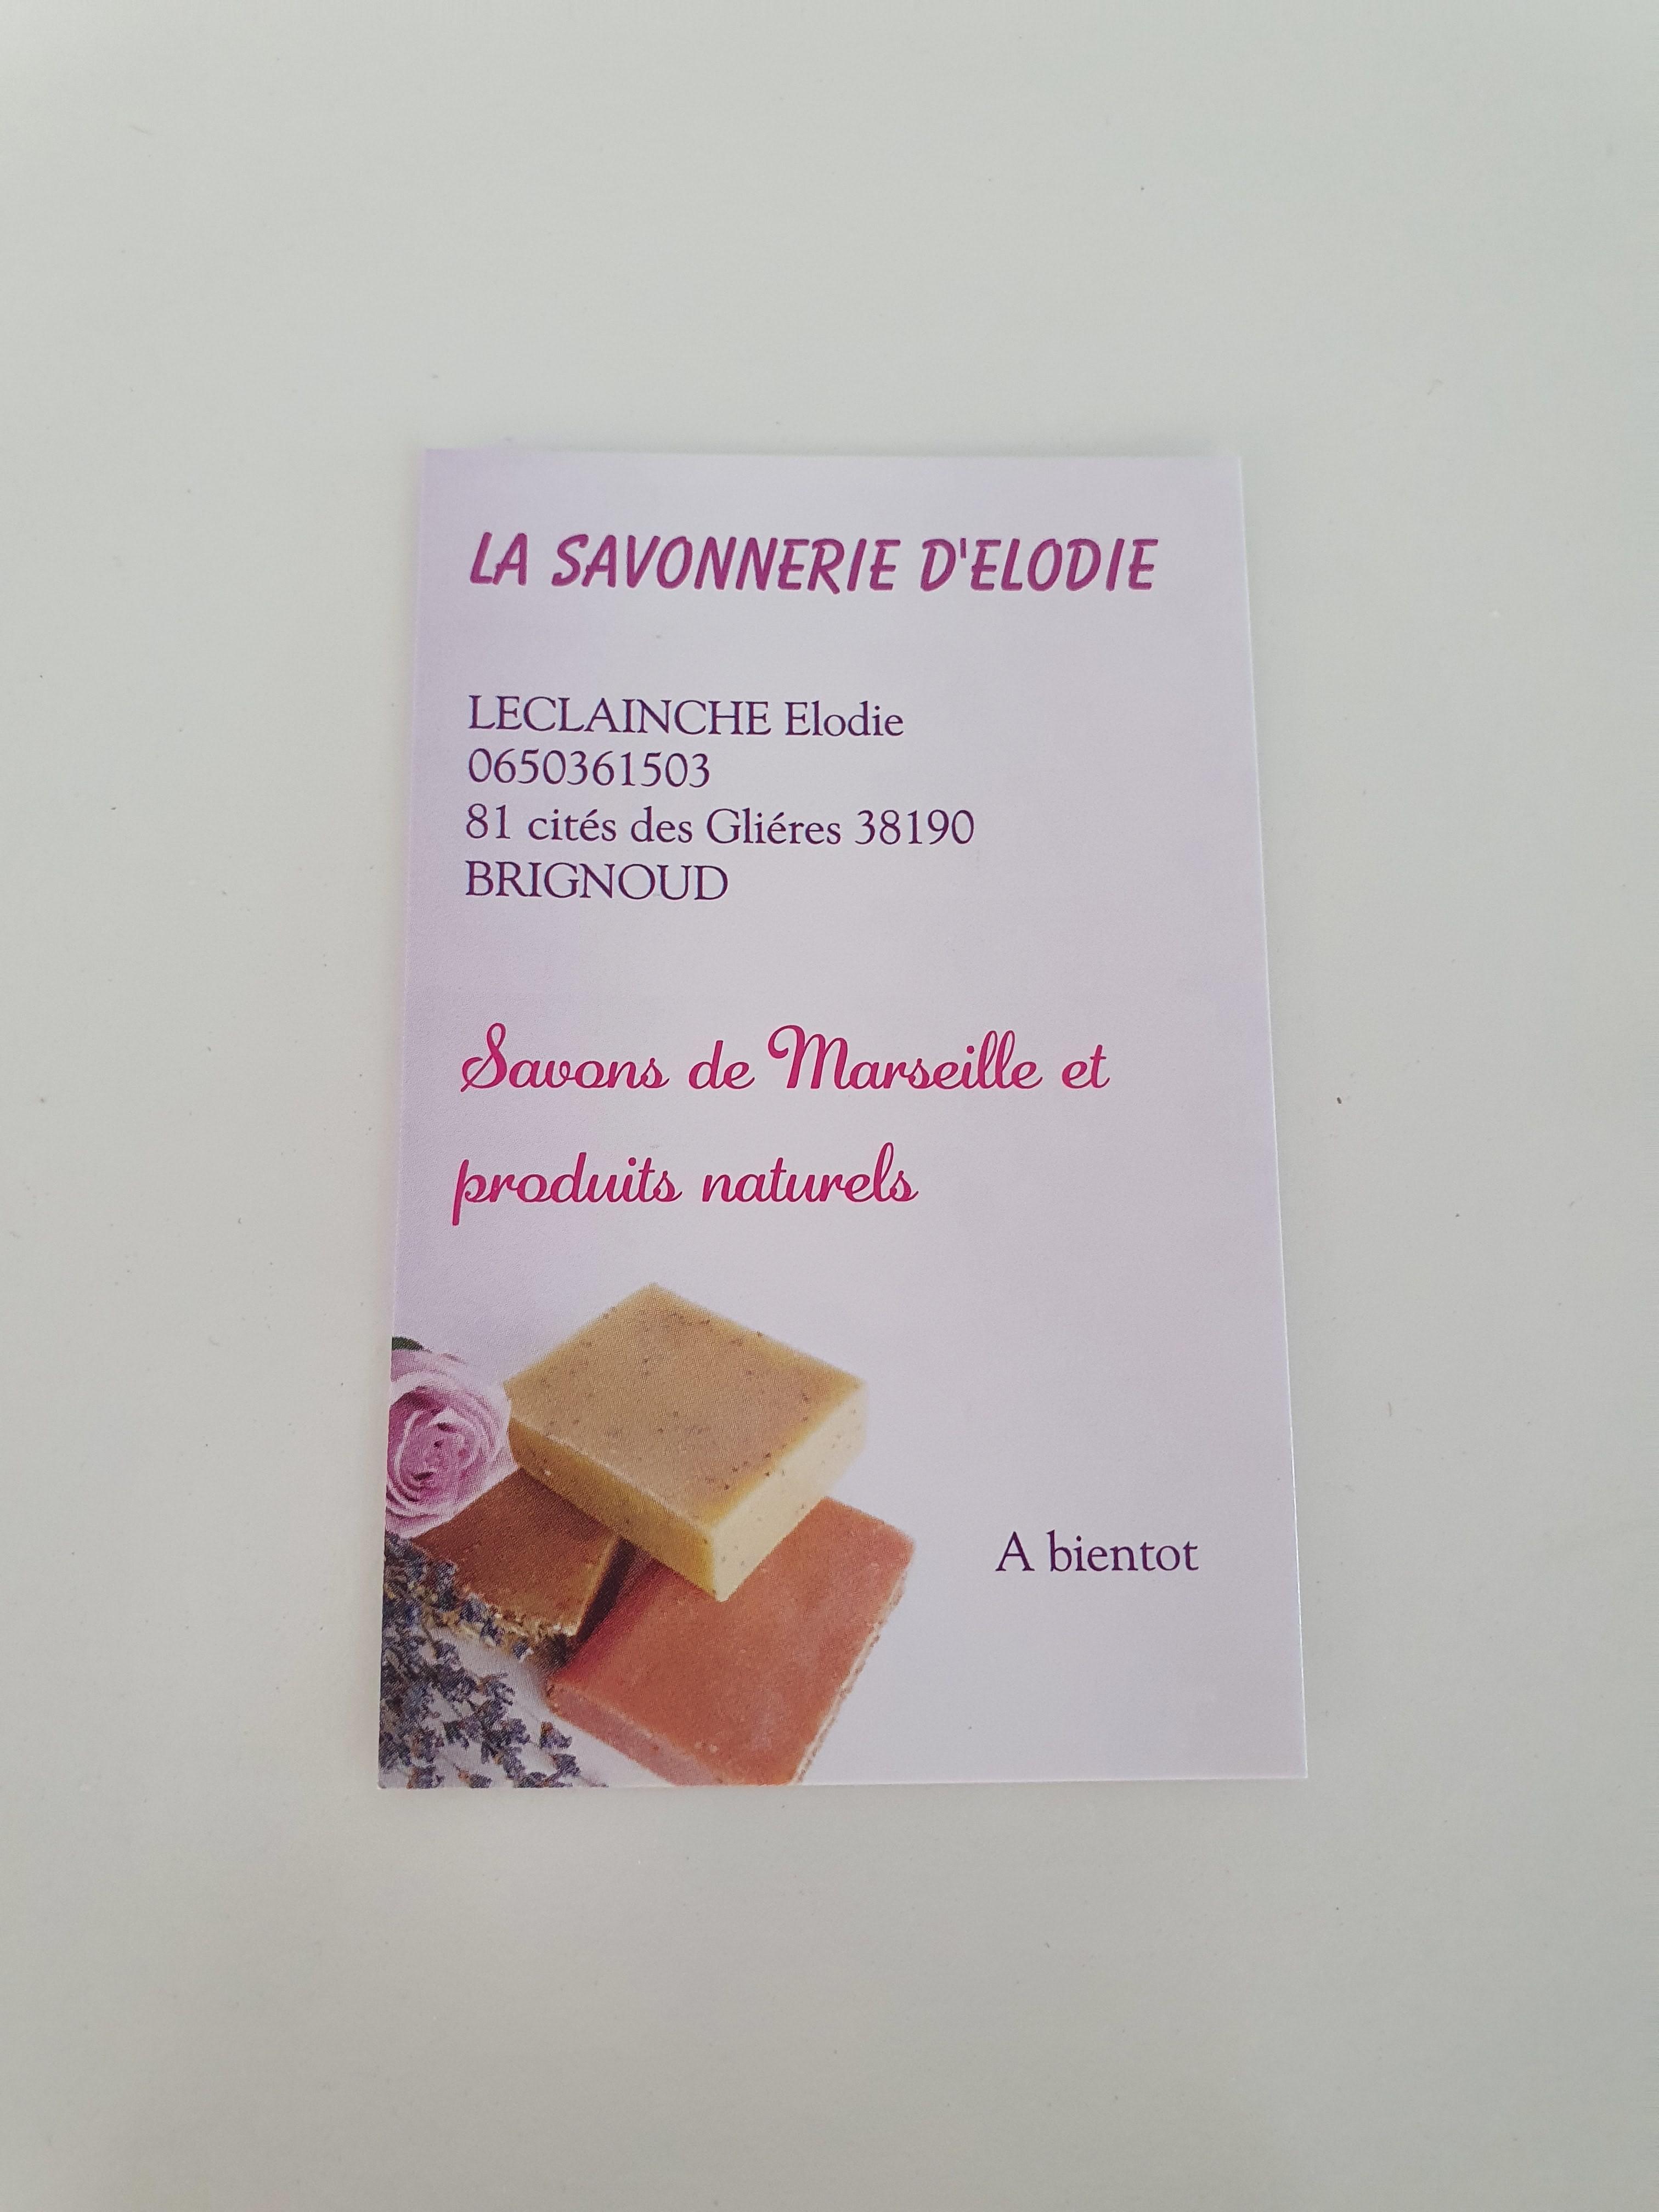 Galerie d'image - La savonnerie d'Elodie